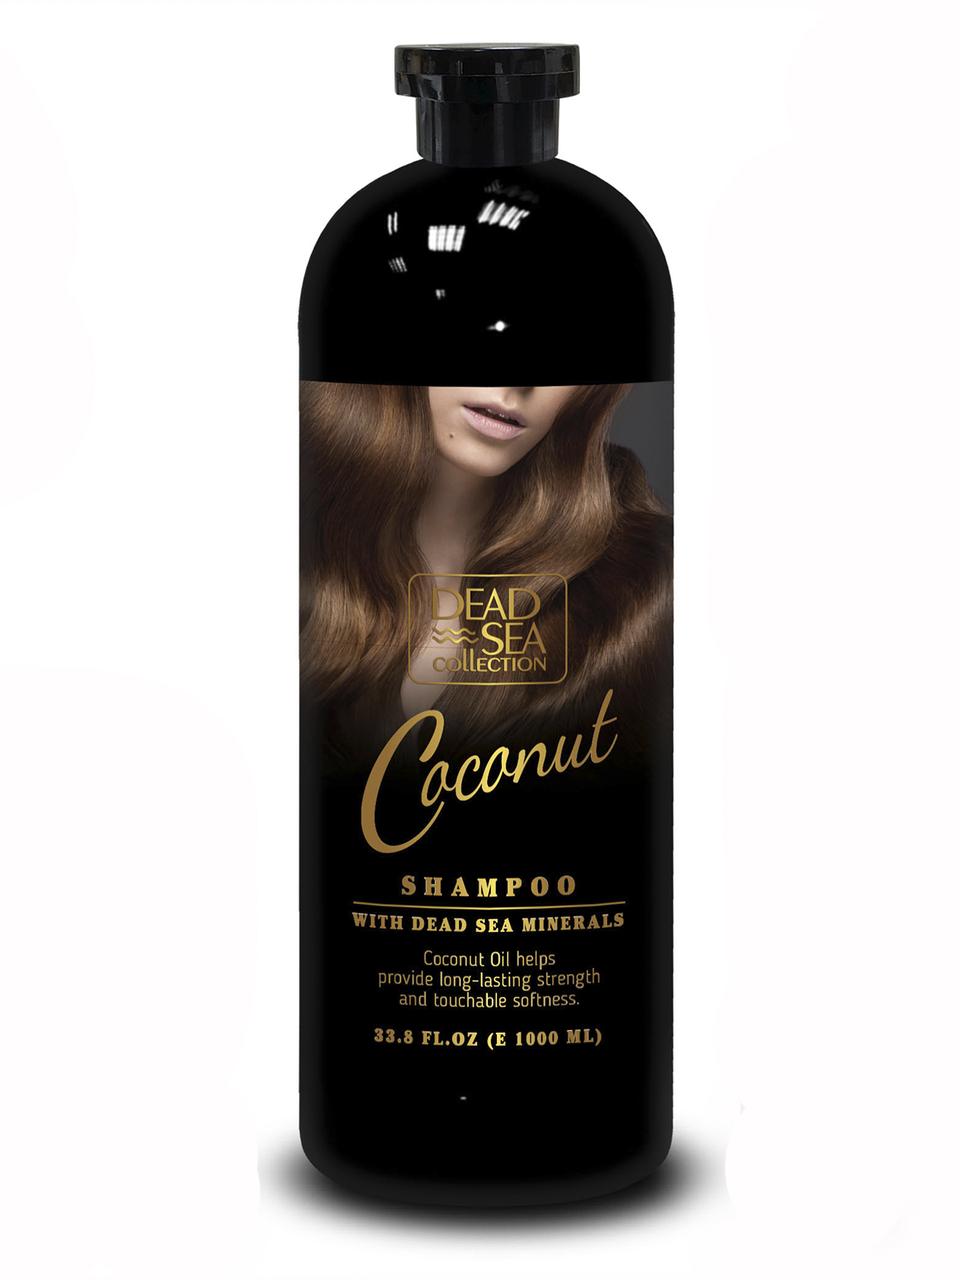 Шампунь для волос Dead Sea Collection с минералами мертвого моря и кокосовым маслом (Black) 1000 мл